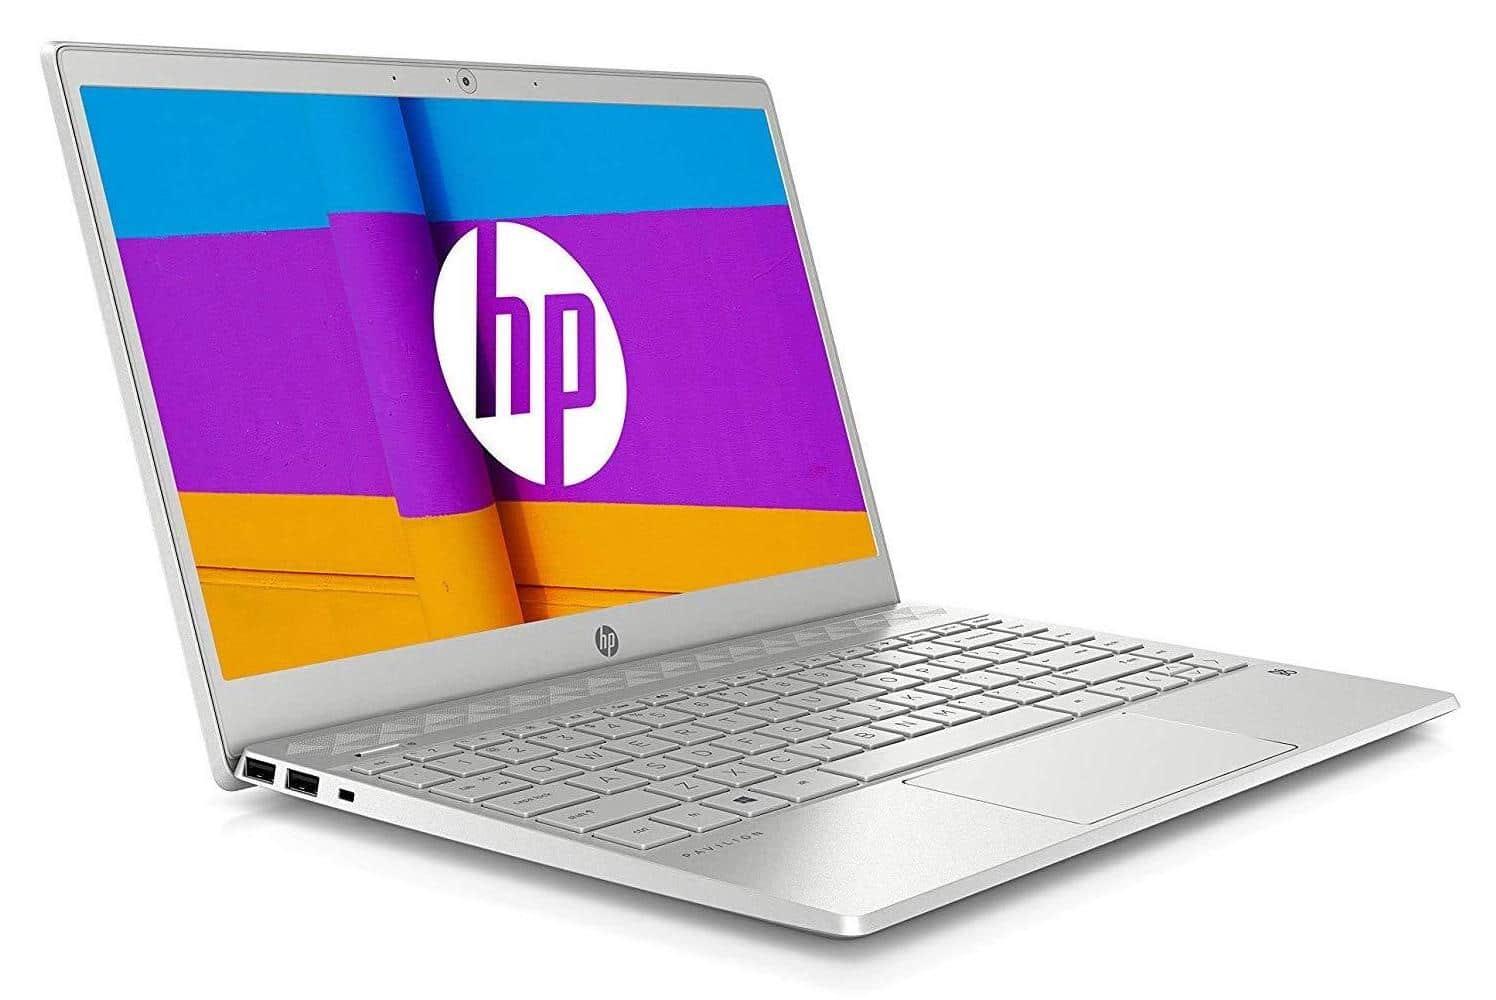 """<span class=""""baisse-prix"""">Baisse de prix 699€</span> HP Pavilion 13-an0047nf, ultrabook 13"""" léger et rapide"""